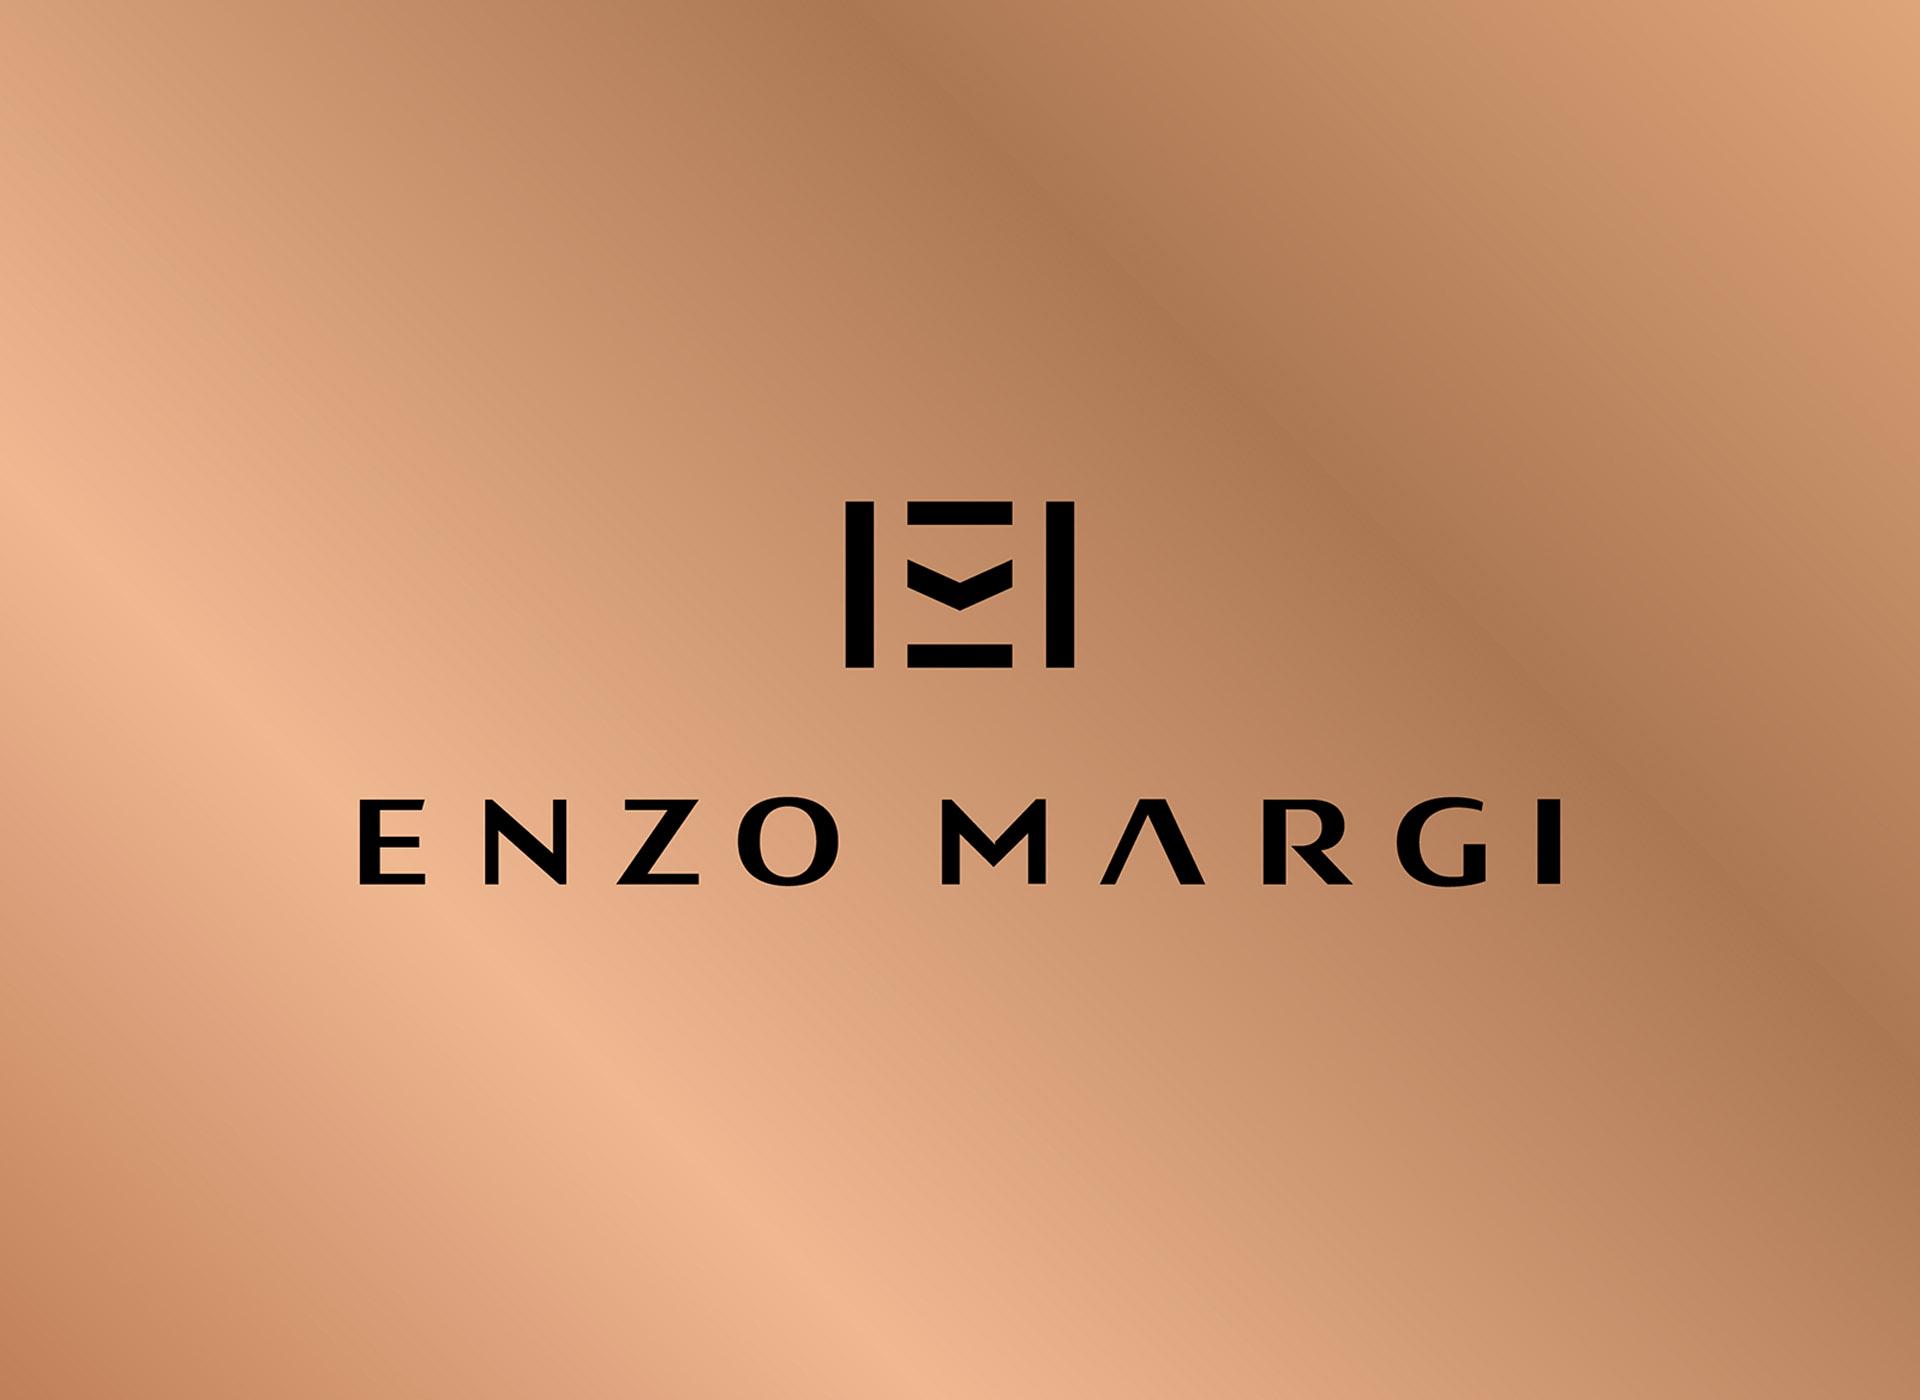 Enzo Margi